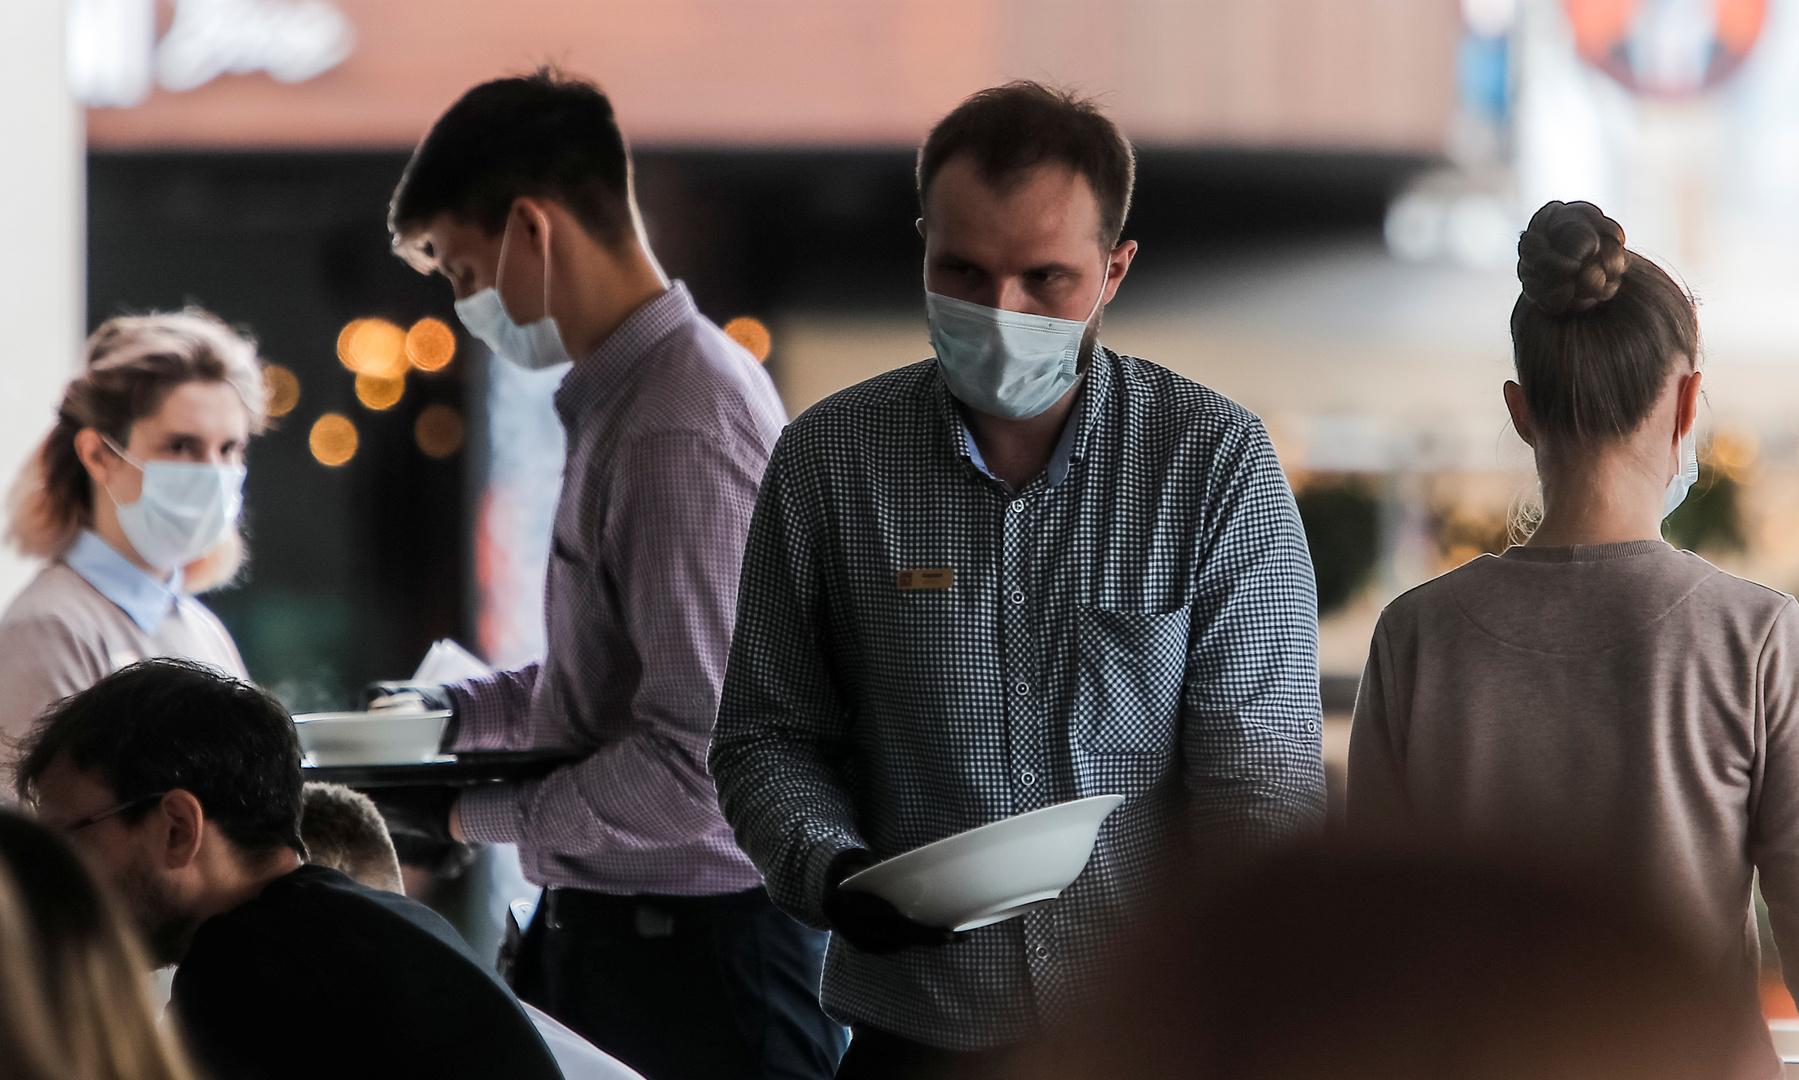 مختص في الأمراض المعدية يعلق على ارتفاع عدد الإصابات بفيروس كورونا في موسكو